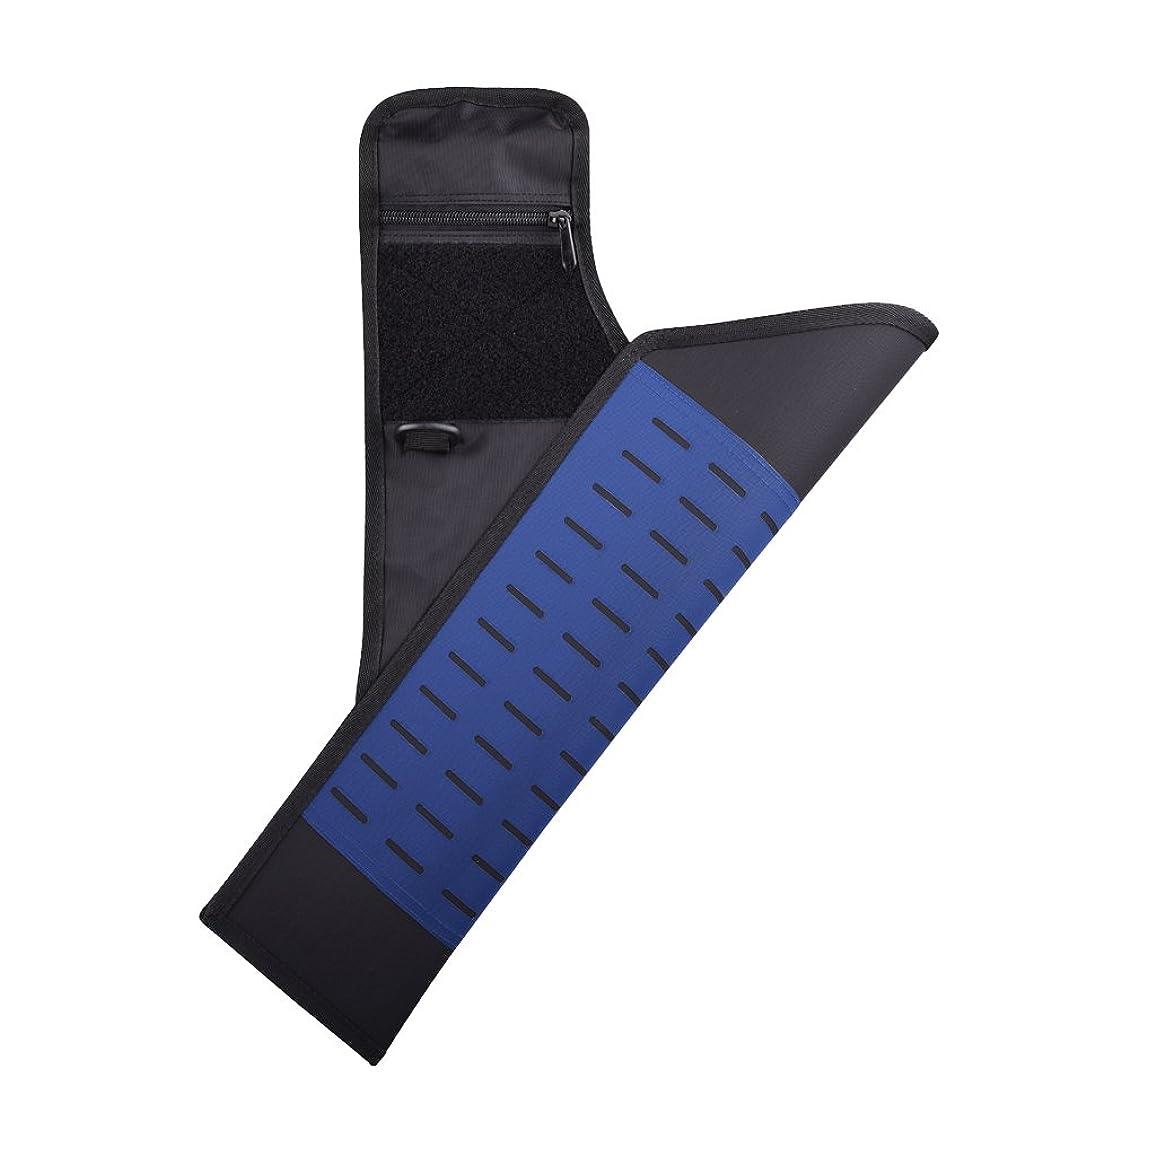 泥沼高めるレイアウトLovoski 可調節 狩猟ゲーム アーチェリー バッグ 矢筒 弓 腰とレッグ 携帯型 耐久性 全7色選べ - 紺